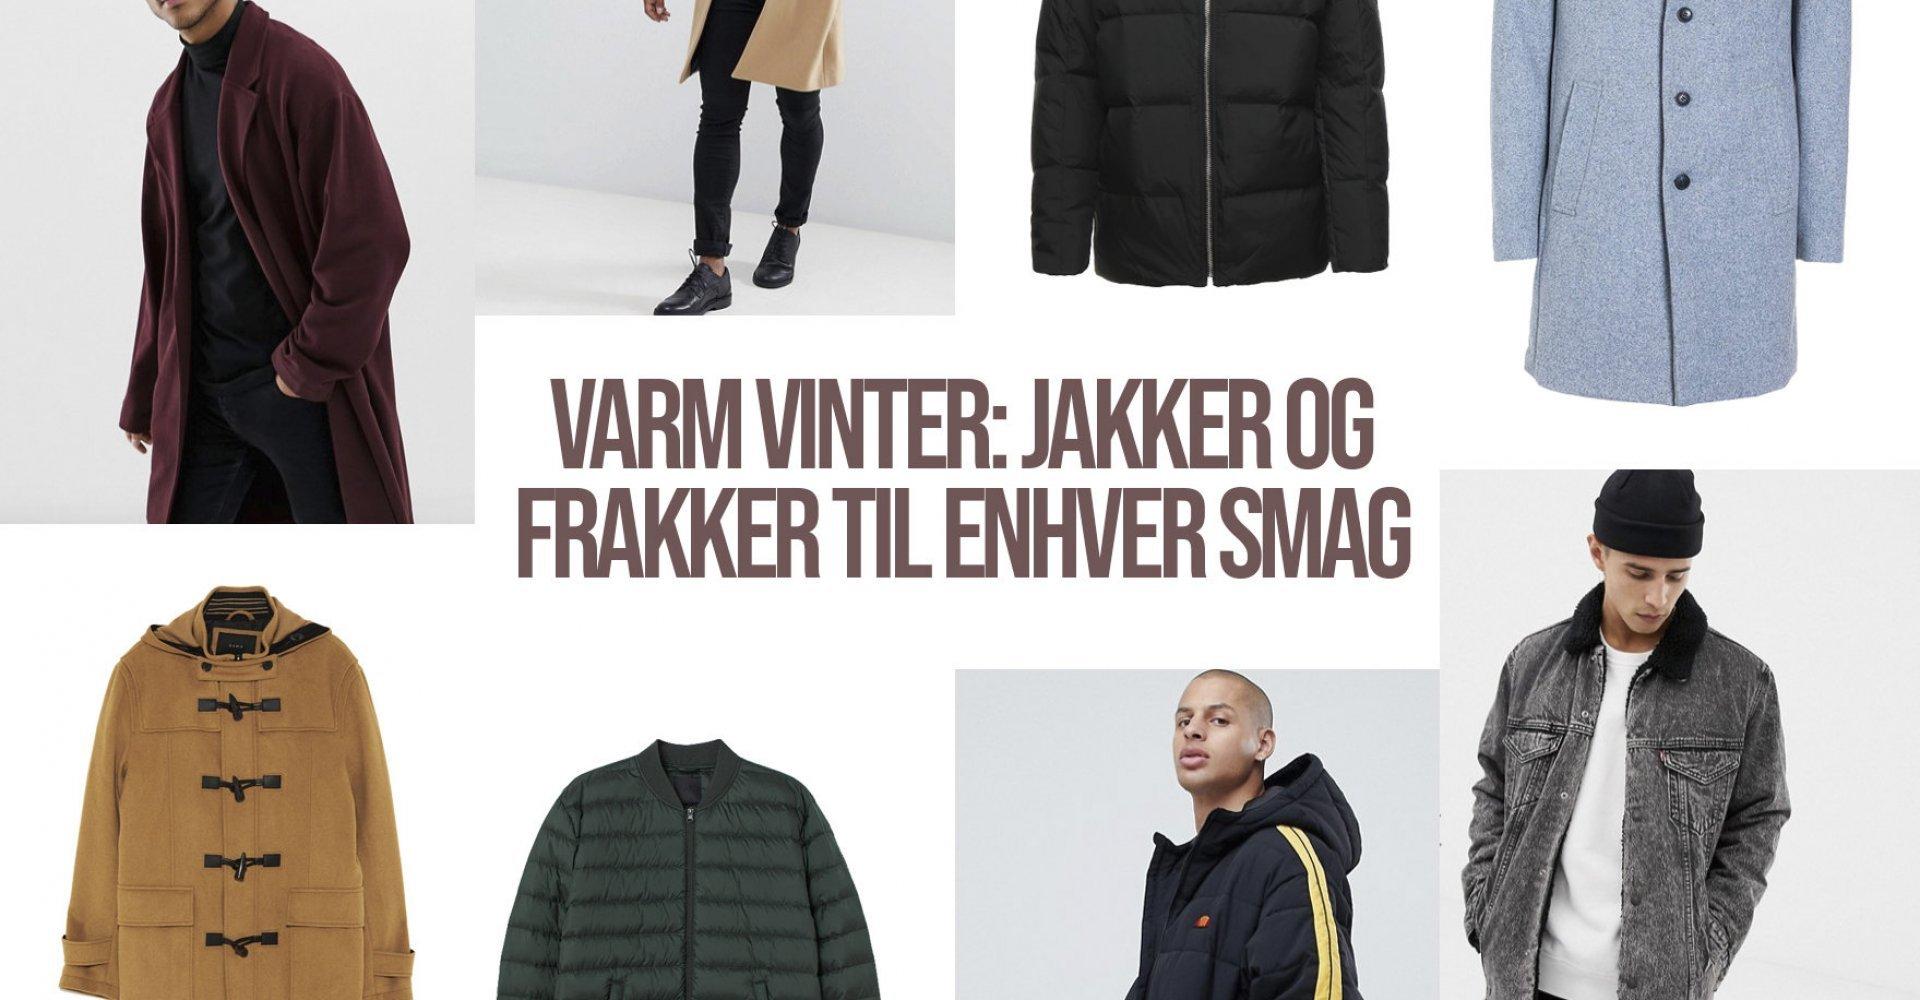 Vinteren er her, men hvilken jakke skal man vælge